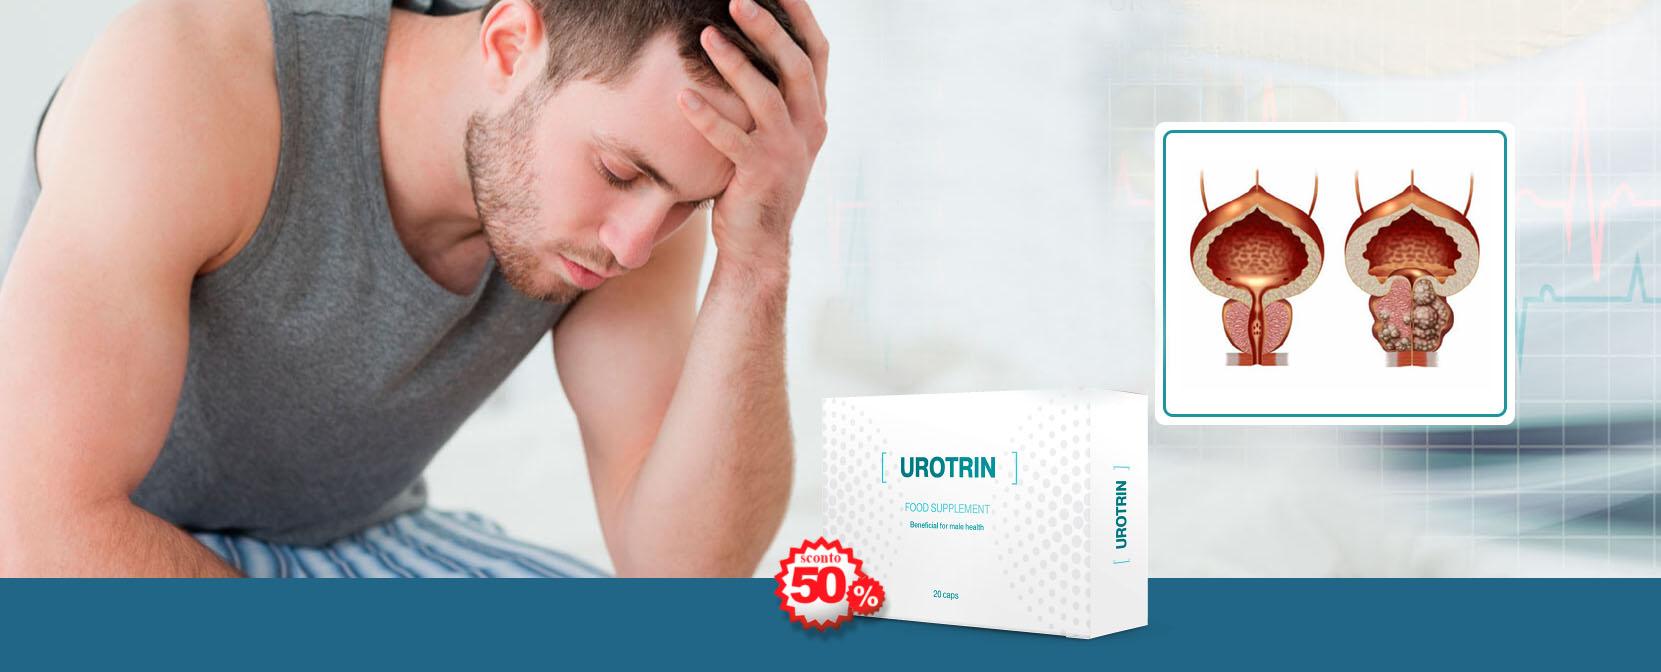 urotrin integratore prostata